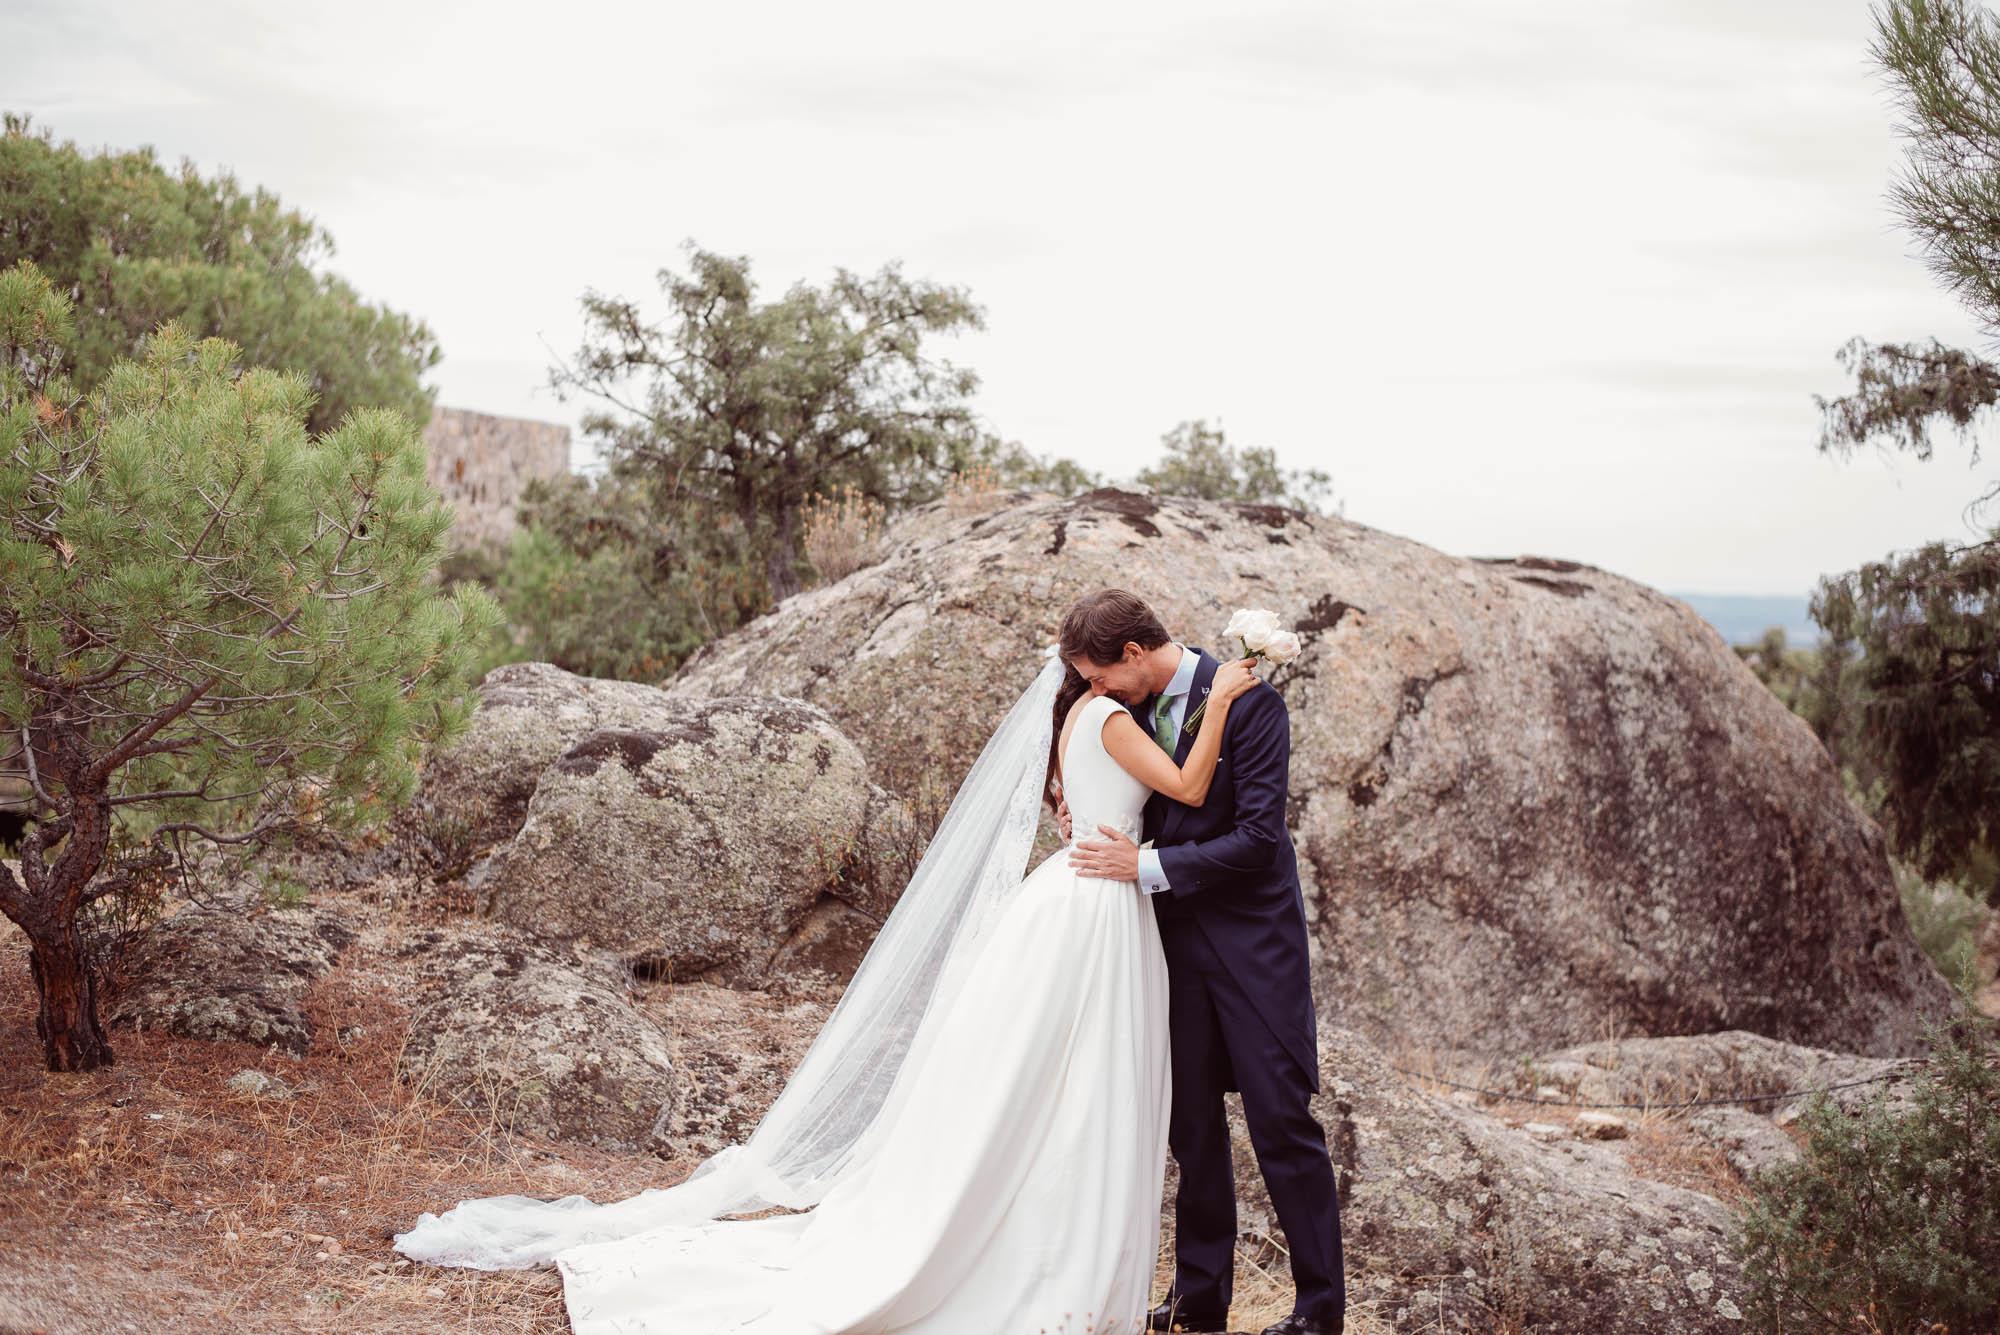 Los novios se besan delante de unas rocas llenas de vegatación